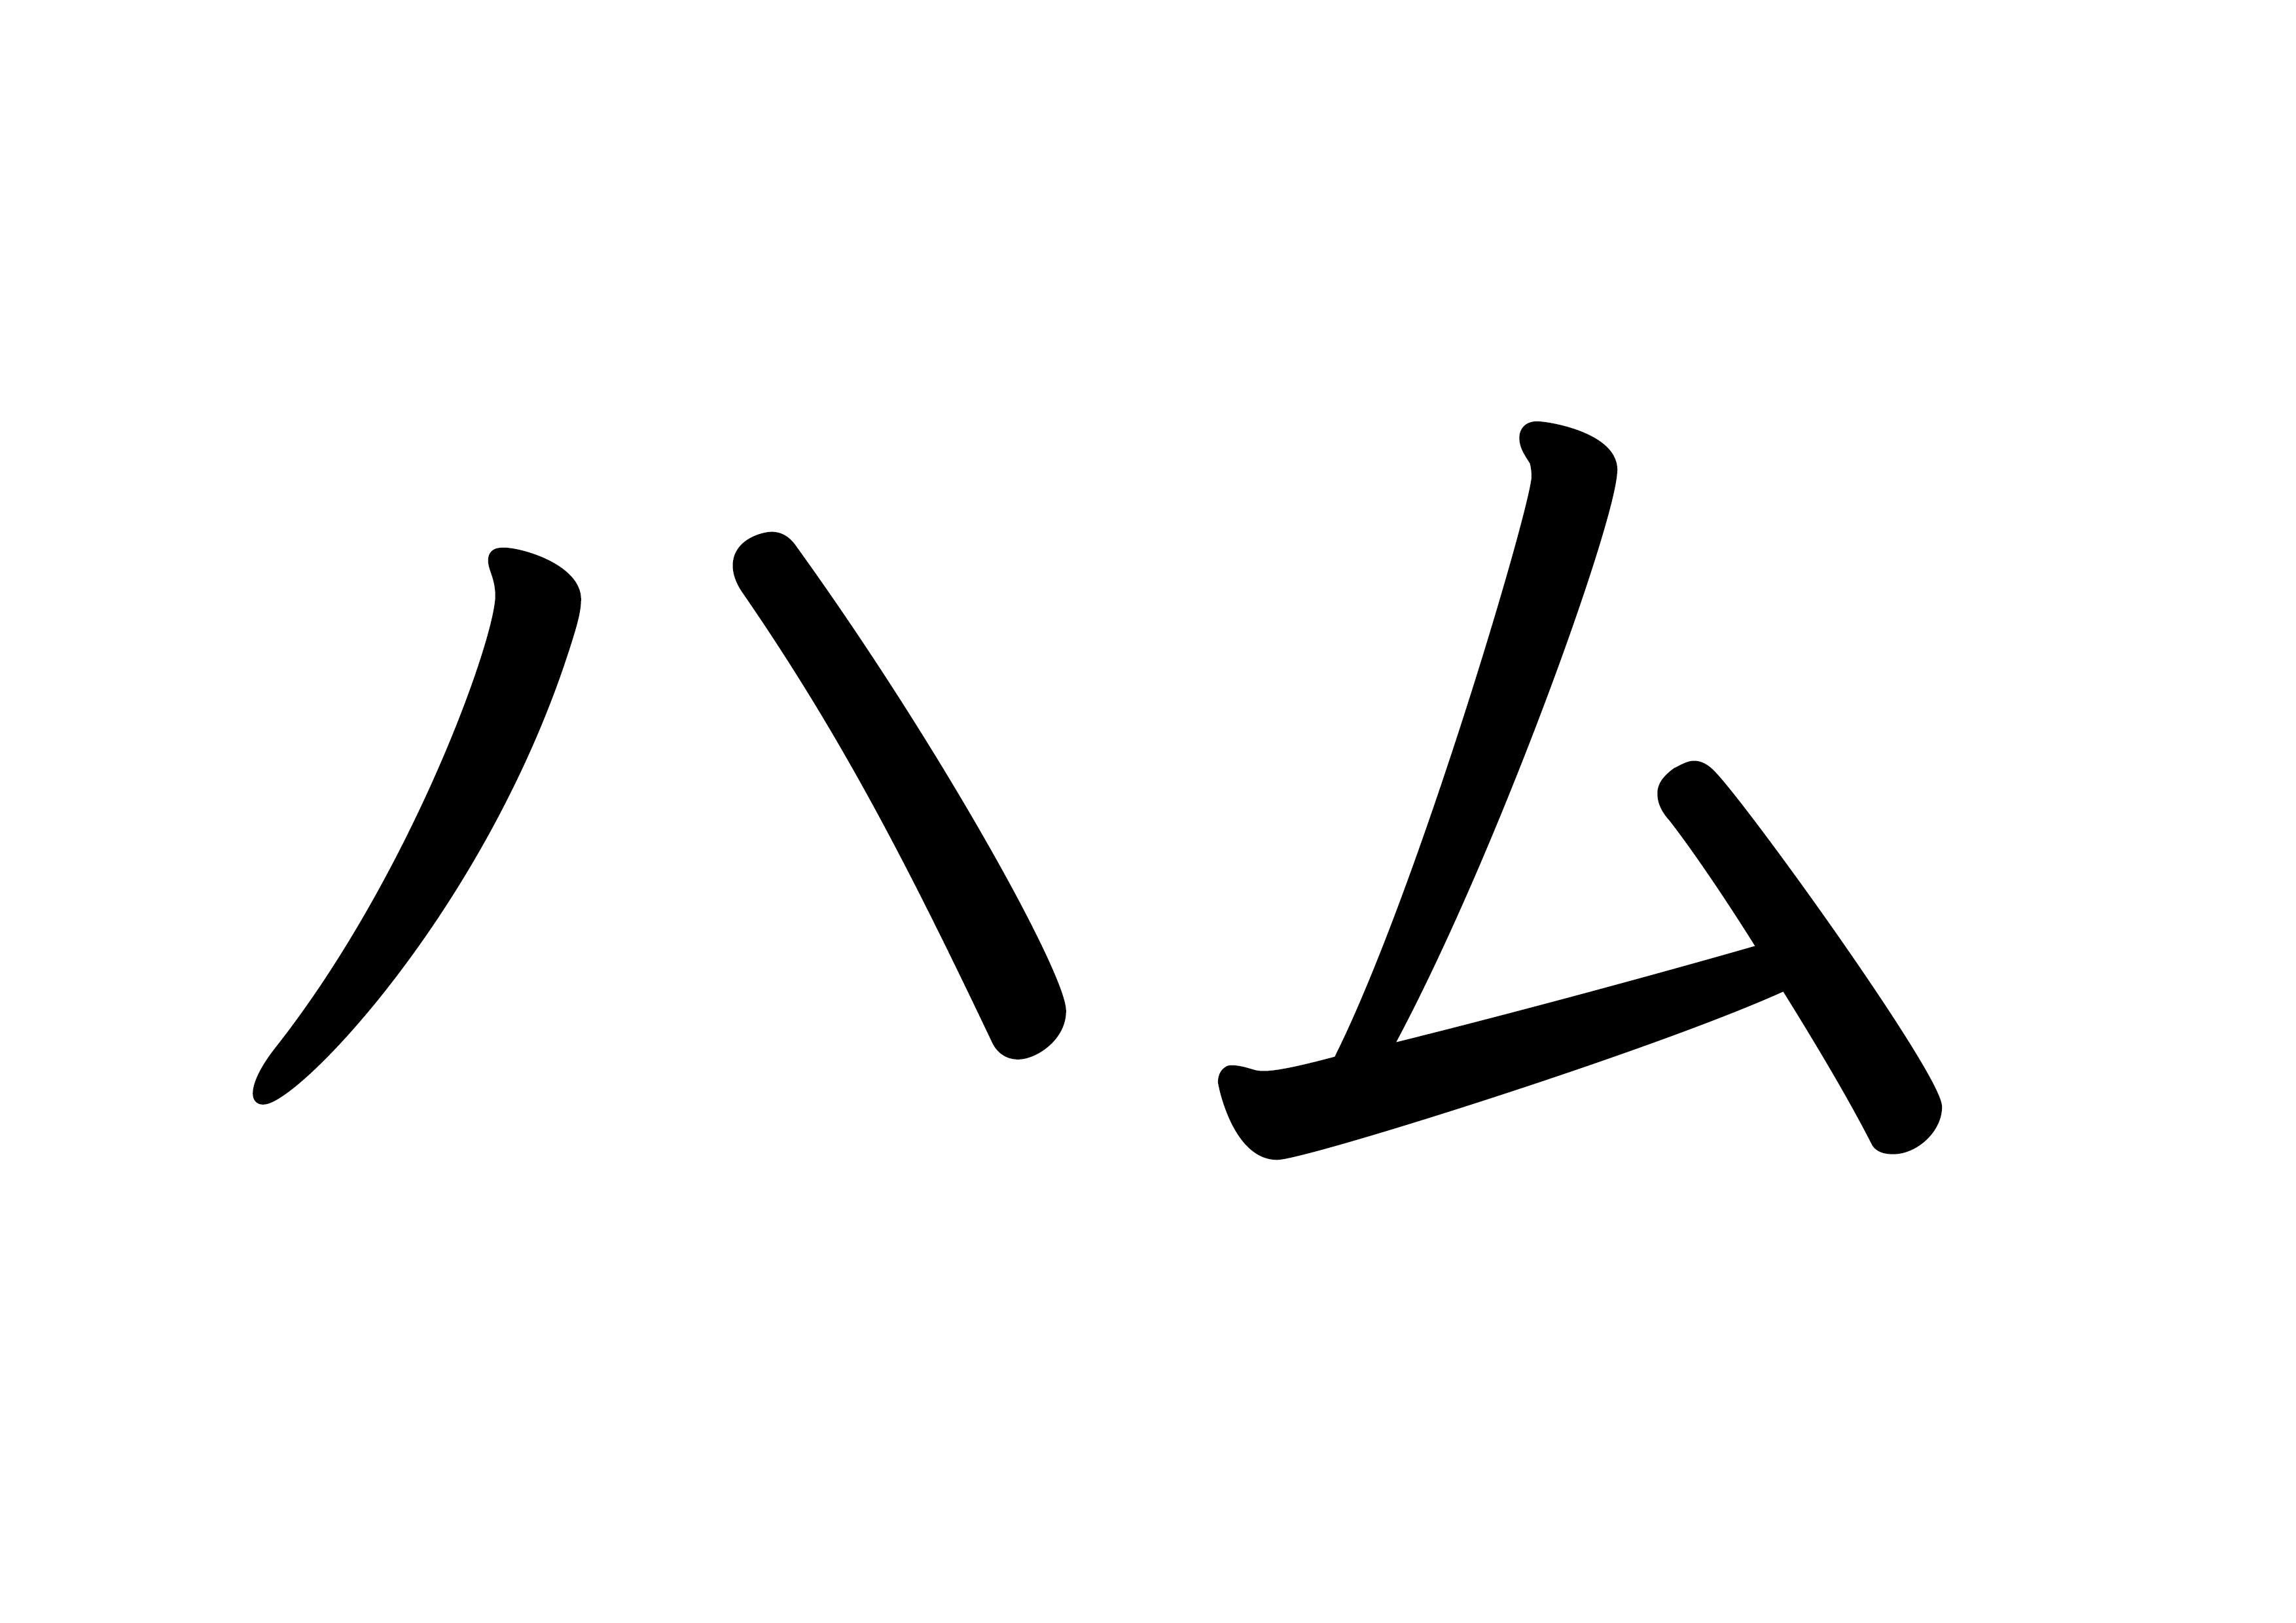 カタカナ【ハム】